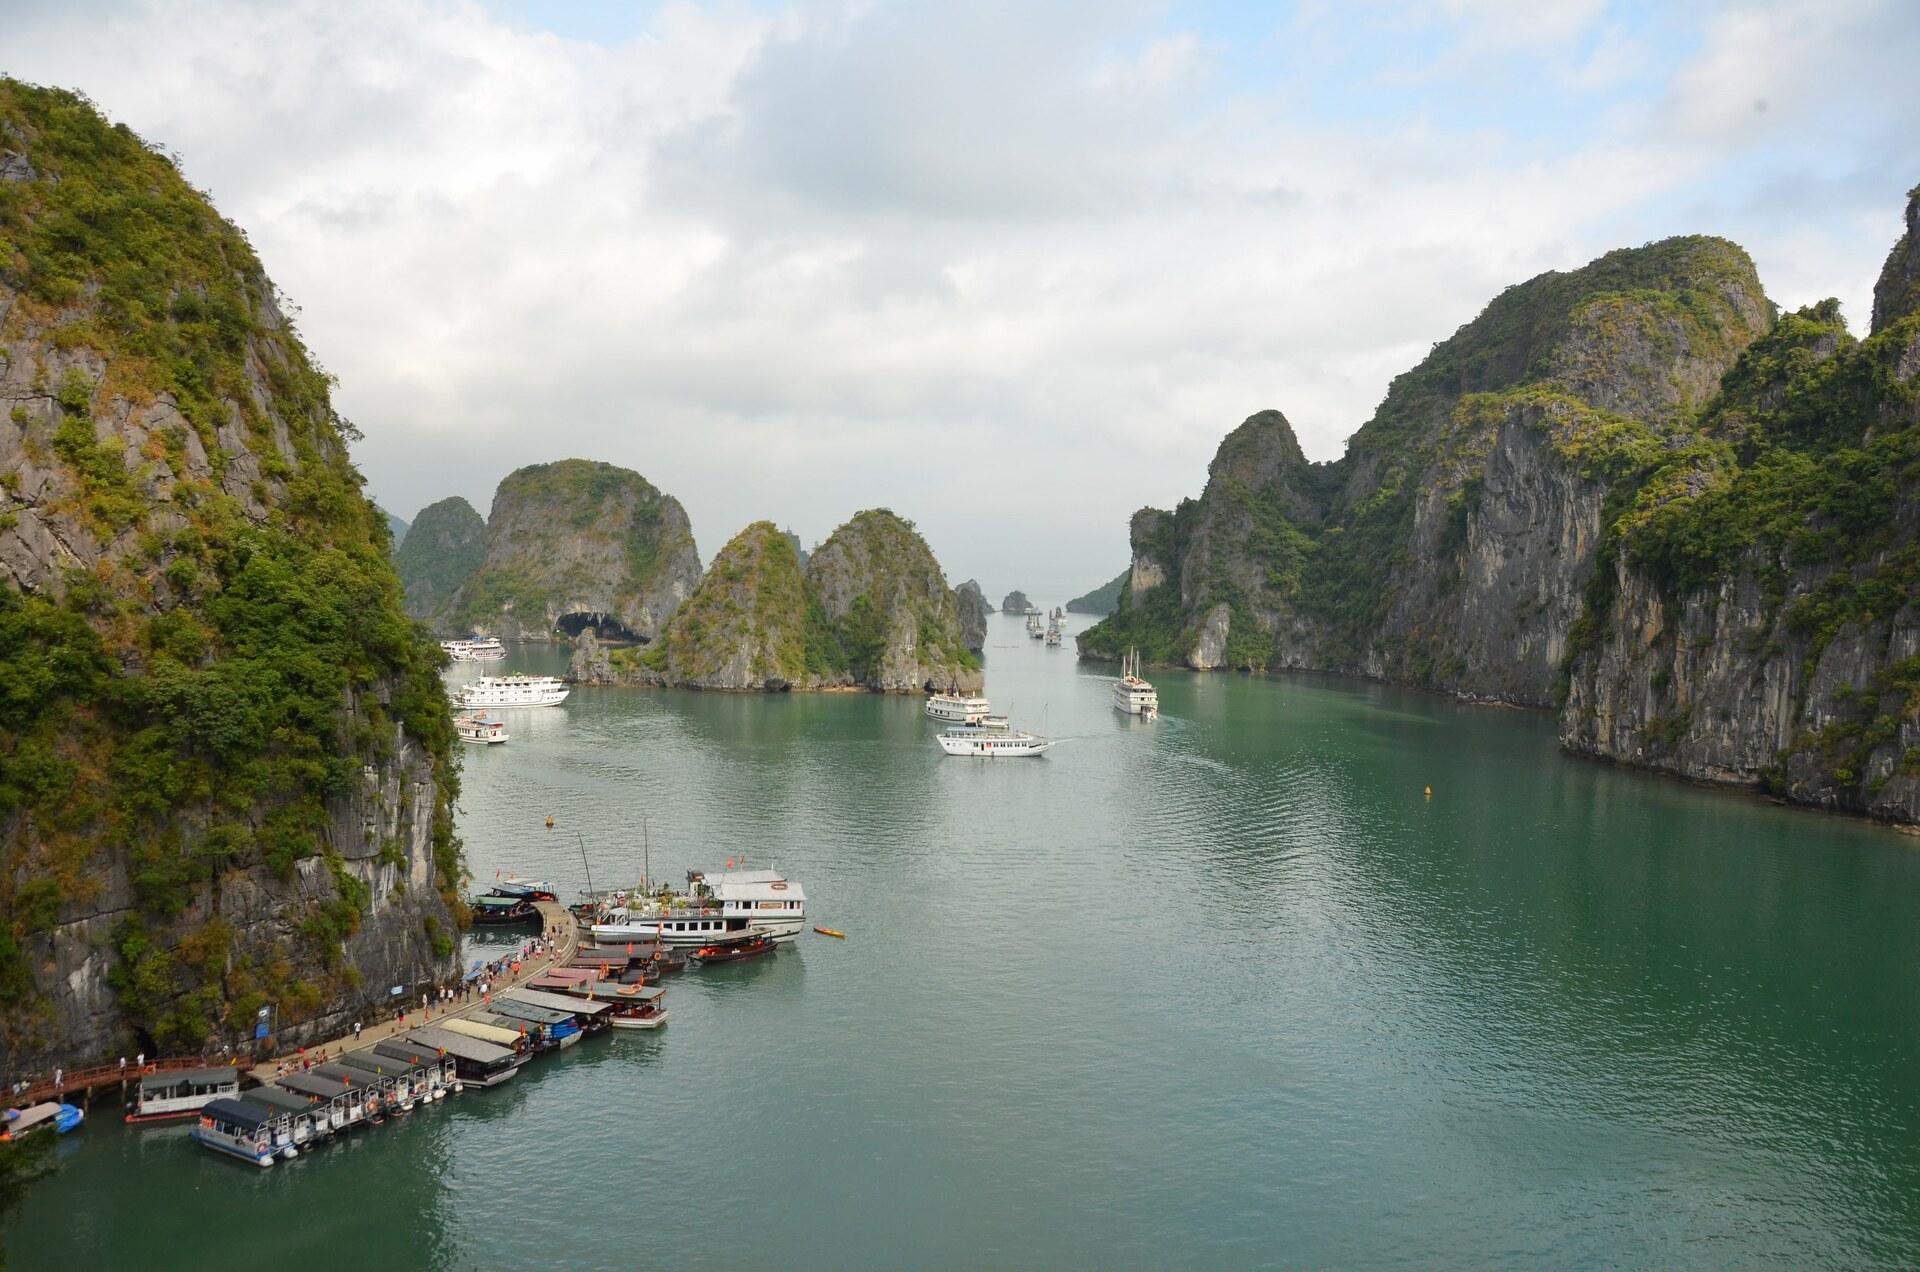 12_coisas_que_voce_precisa_saber_antes_de_ir_ao_vietna5